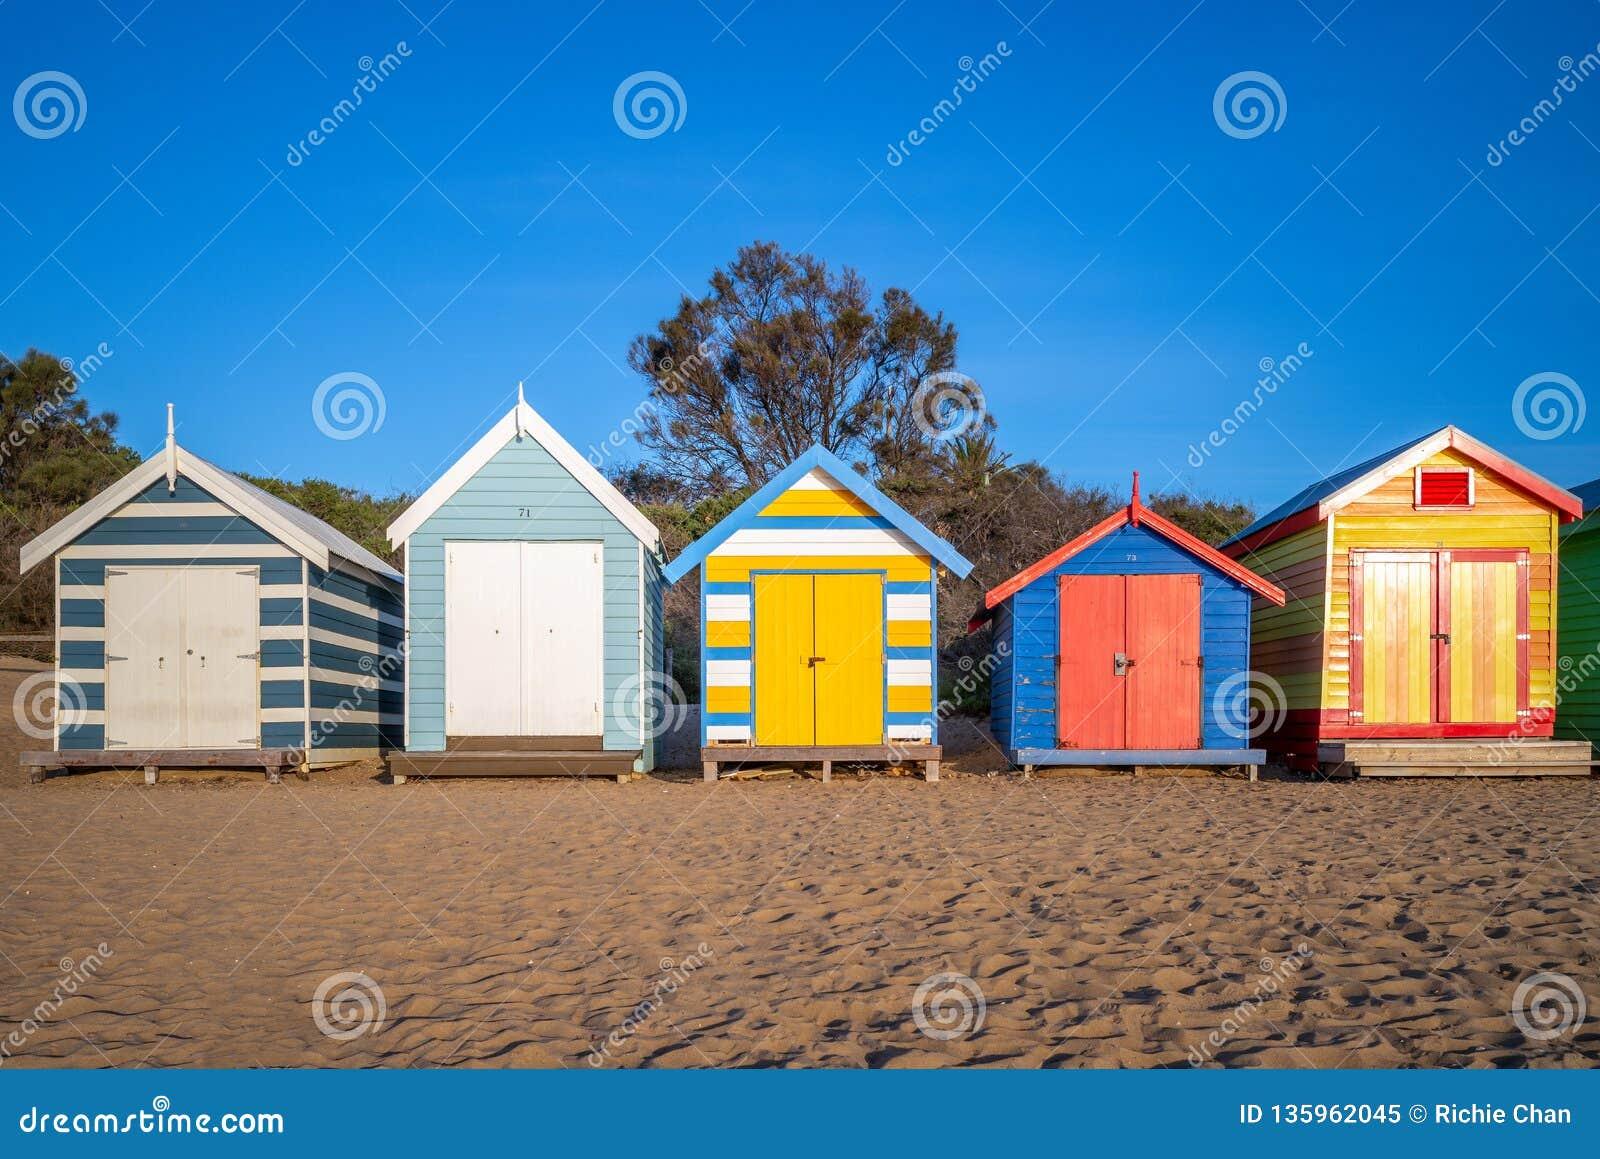 Brighton Bathing Boxes à Melbourne, Australie